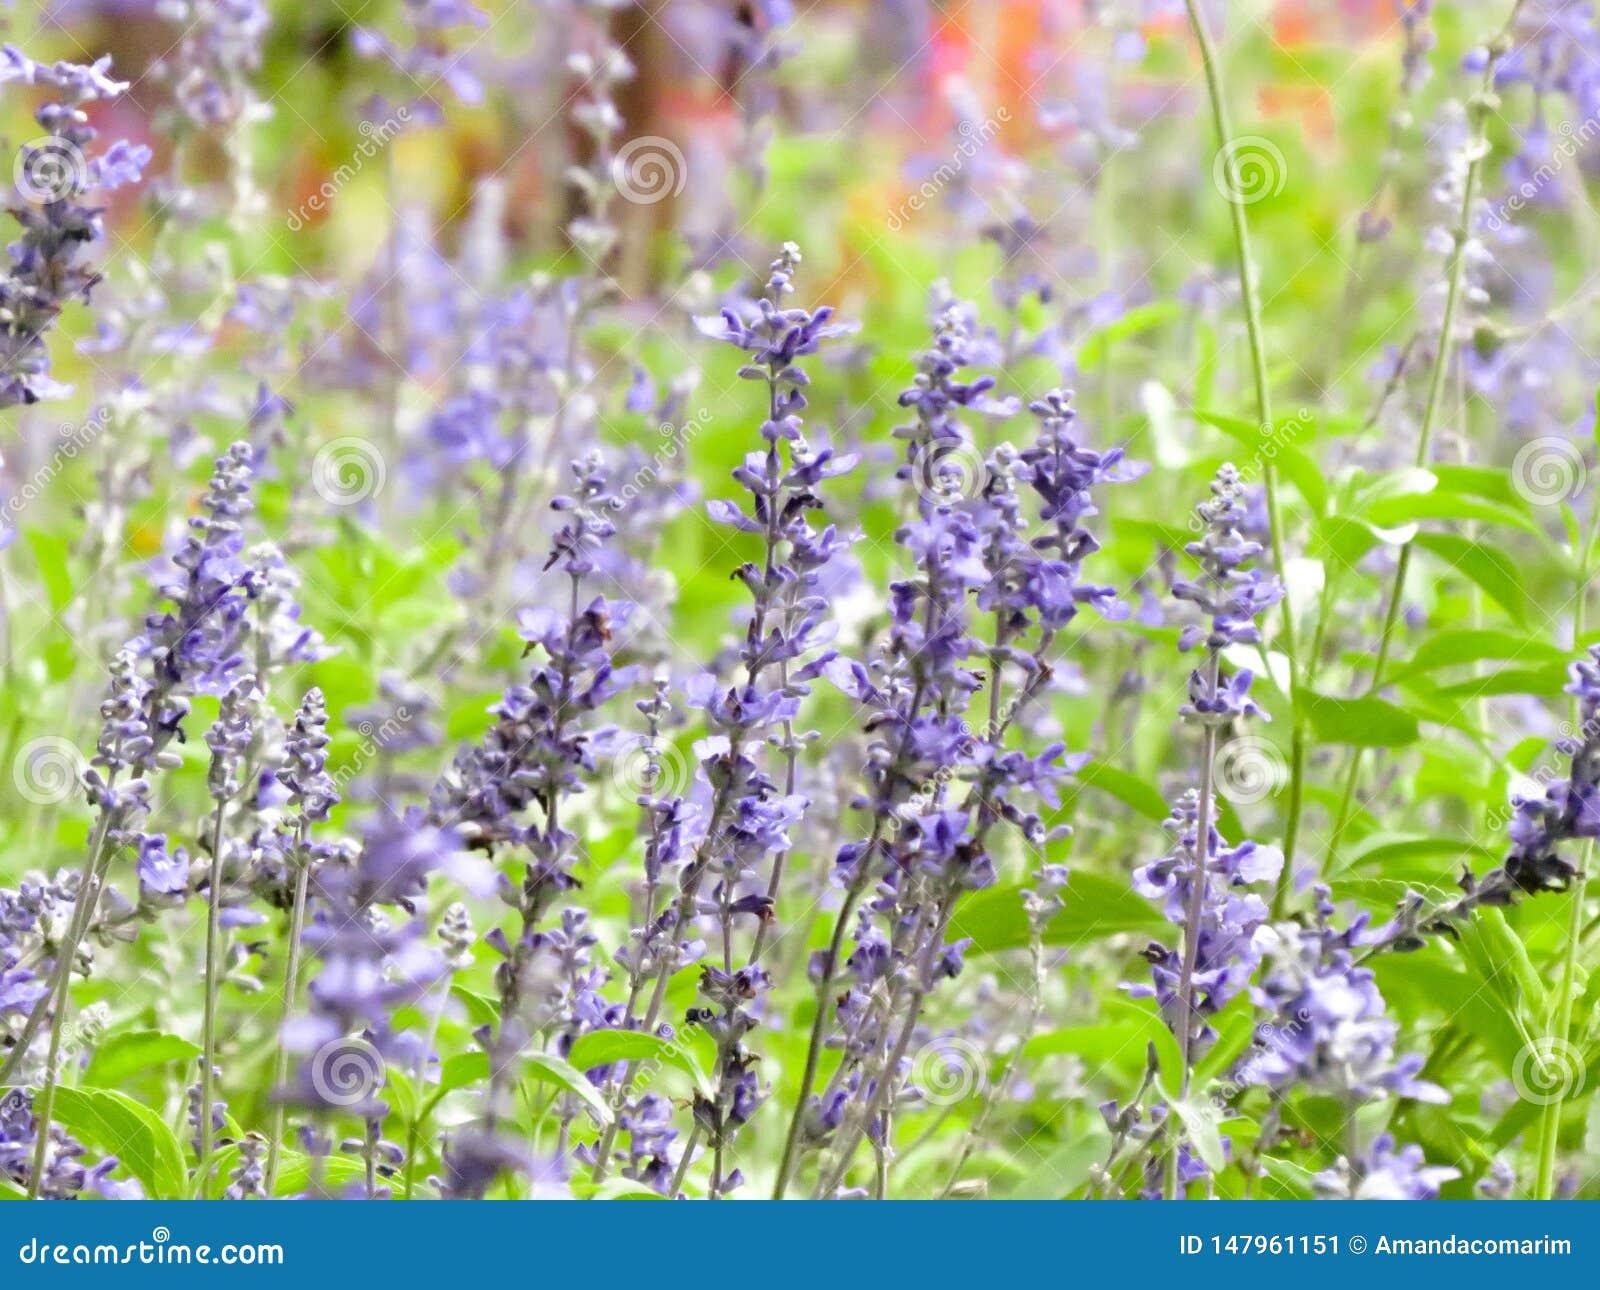 Garden field of lavender flowers